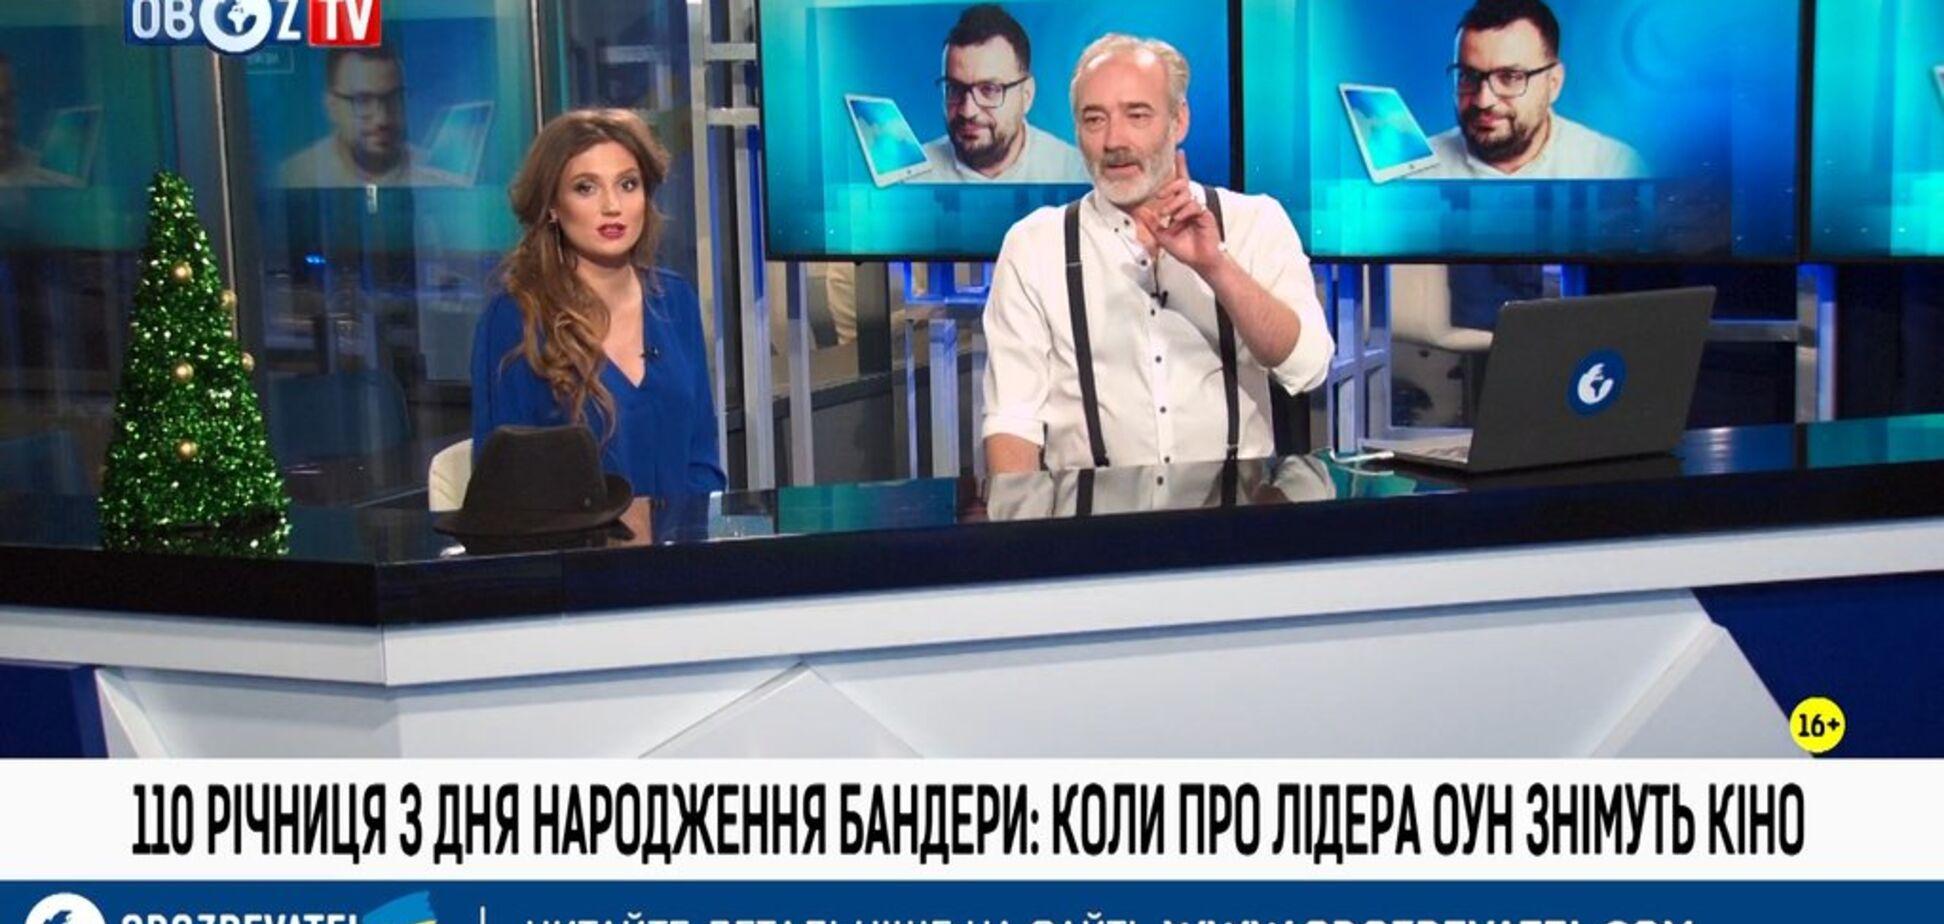 Экранизация жизни Степана Бандеры в ближайшем будущем реальна – председатель Госкино